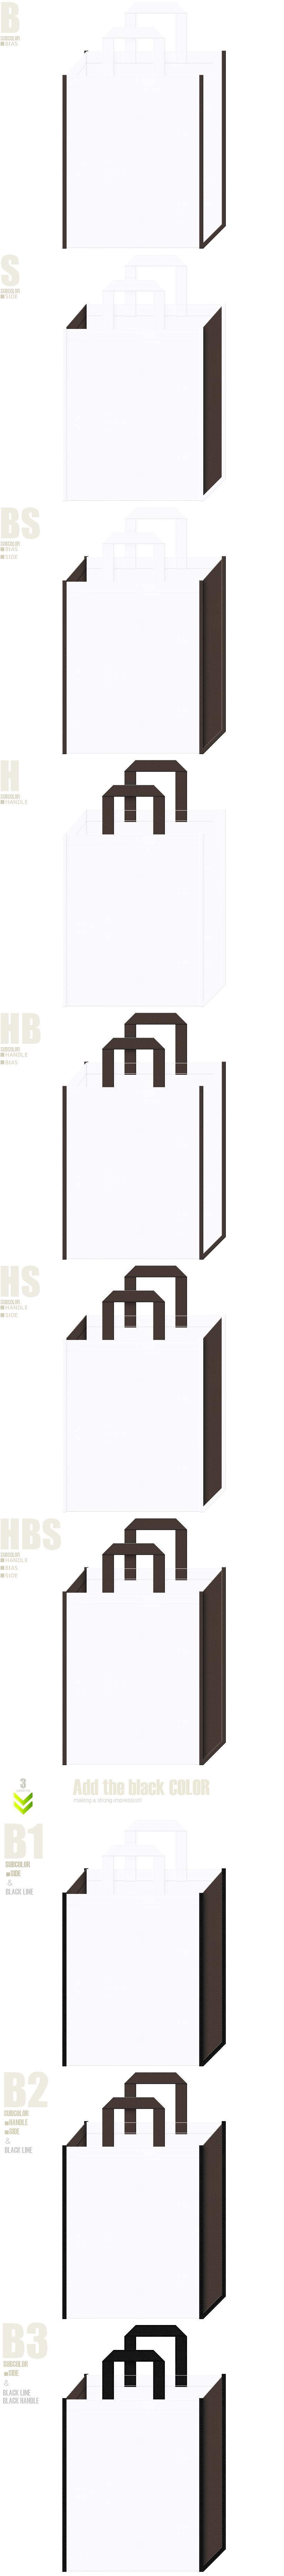 展示会用バッグ・ブラウス・ワイシャツ・礼装・雪だるま・雪まつり・観光・城下町・武家屋敷・お城イベント・書道・ホテル・マンション・オフィスビル・店舗インテリア・学習塾・レッスンバッグ・農学部・・学校・学園・オープンキャンパスにお奨めの不織布バッグデザイン:白色とこげ茶色のコーデ10パターン